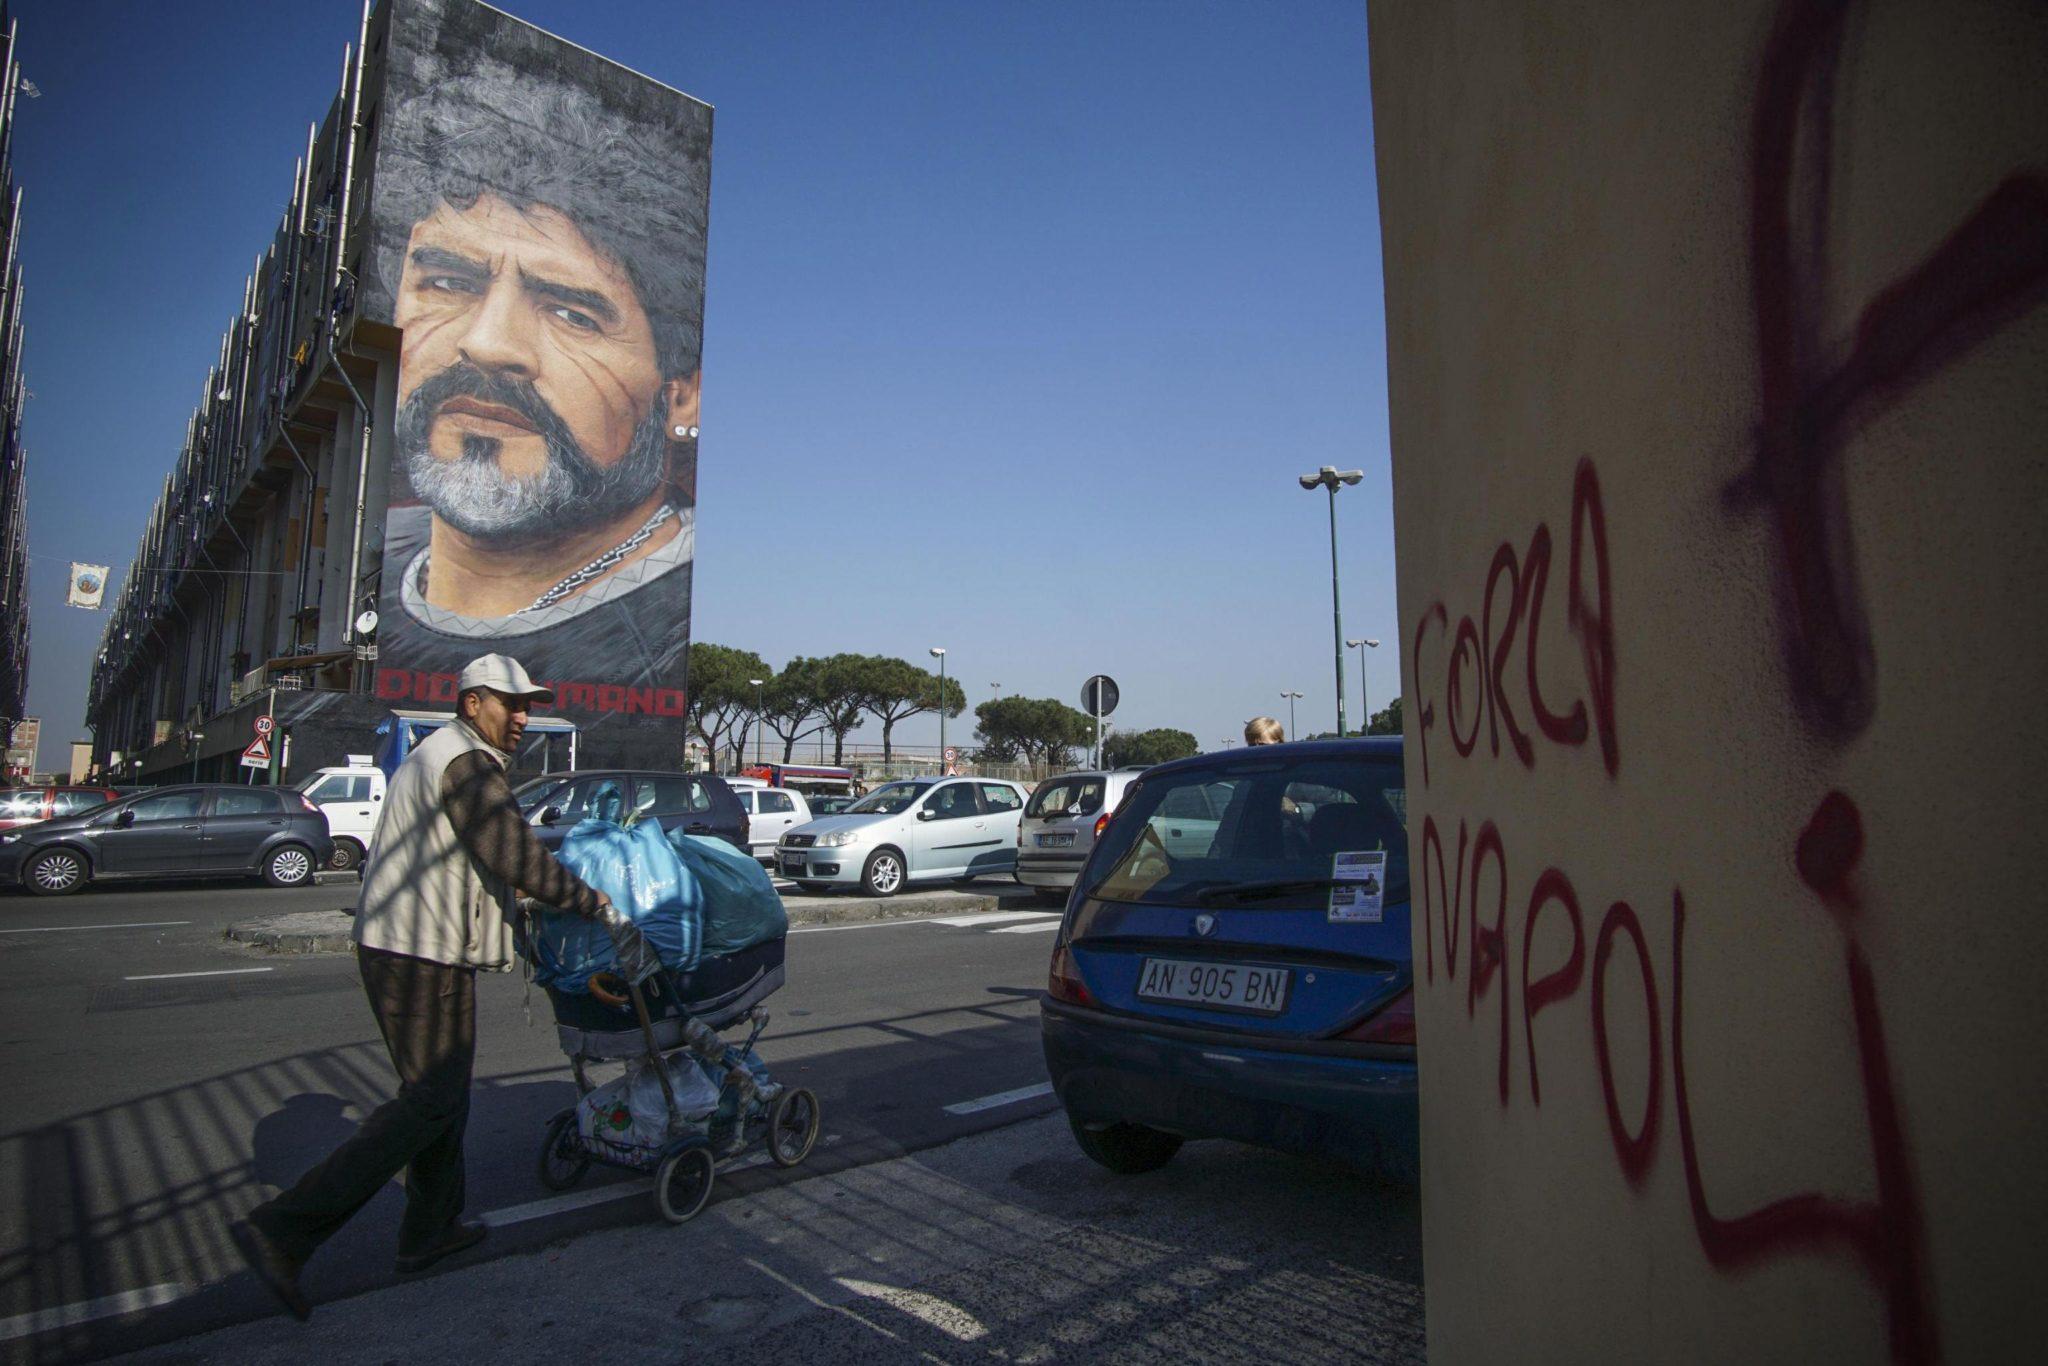 Włochy: postać Diego Maradony na miejskim muralu w Neapolu (foto. PAP/EPA/CESARE ABBATE)